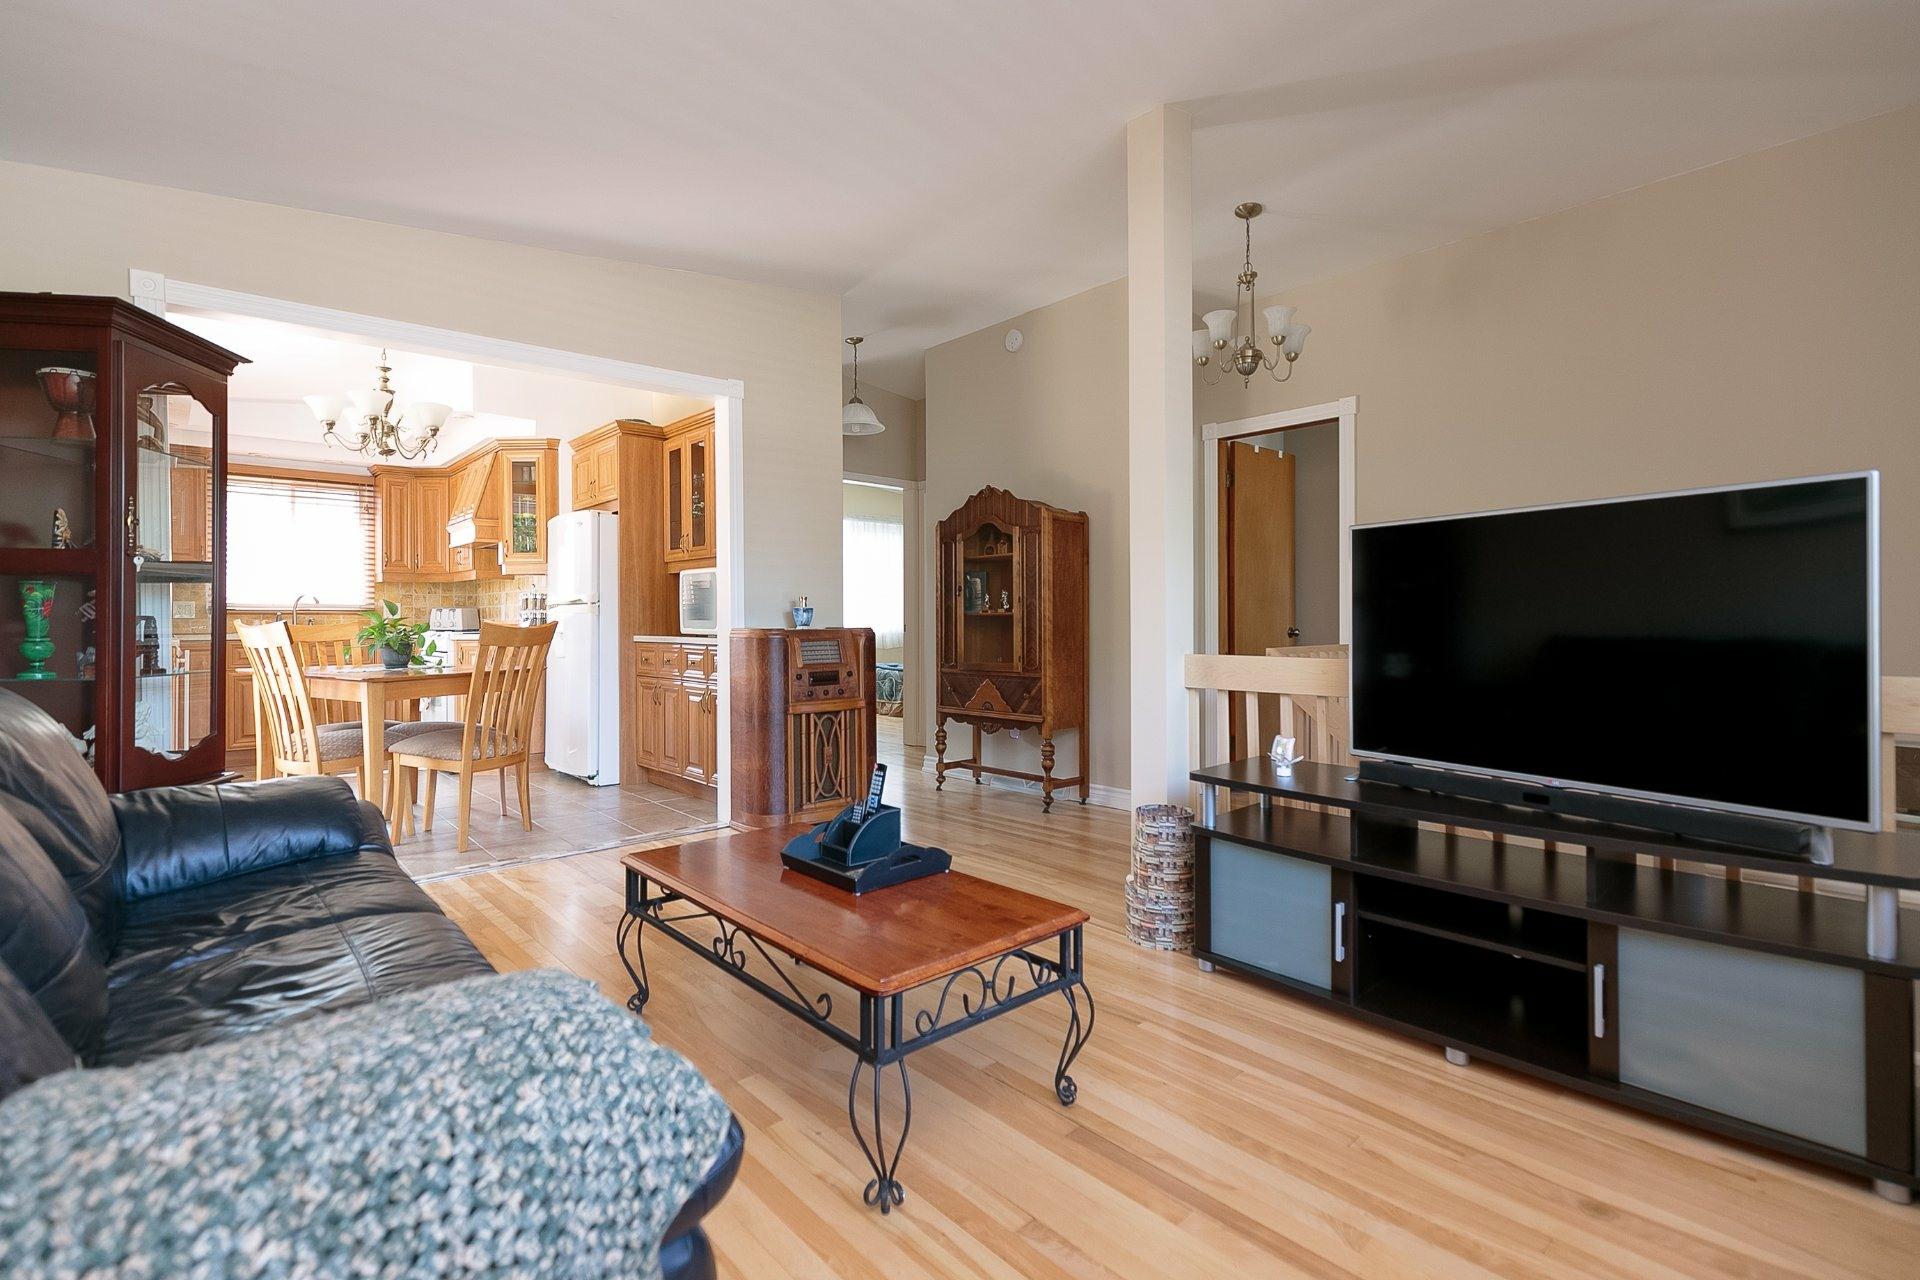 image 5 - Maison À vendre Longueuil Greenfield Park  - 10 pièces